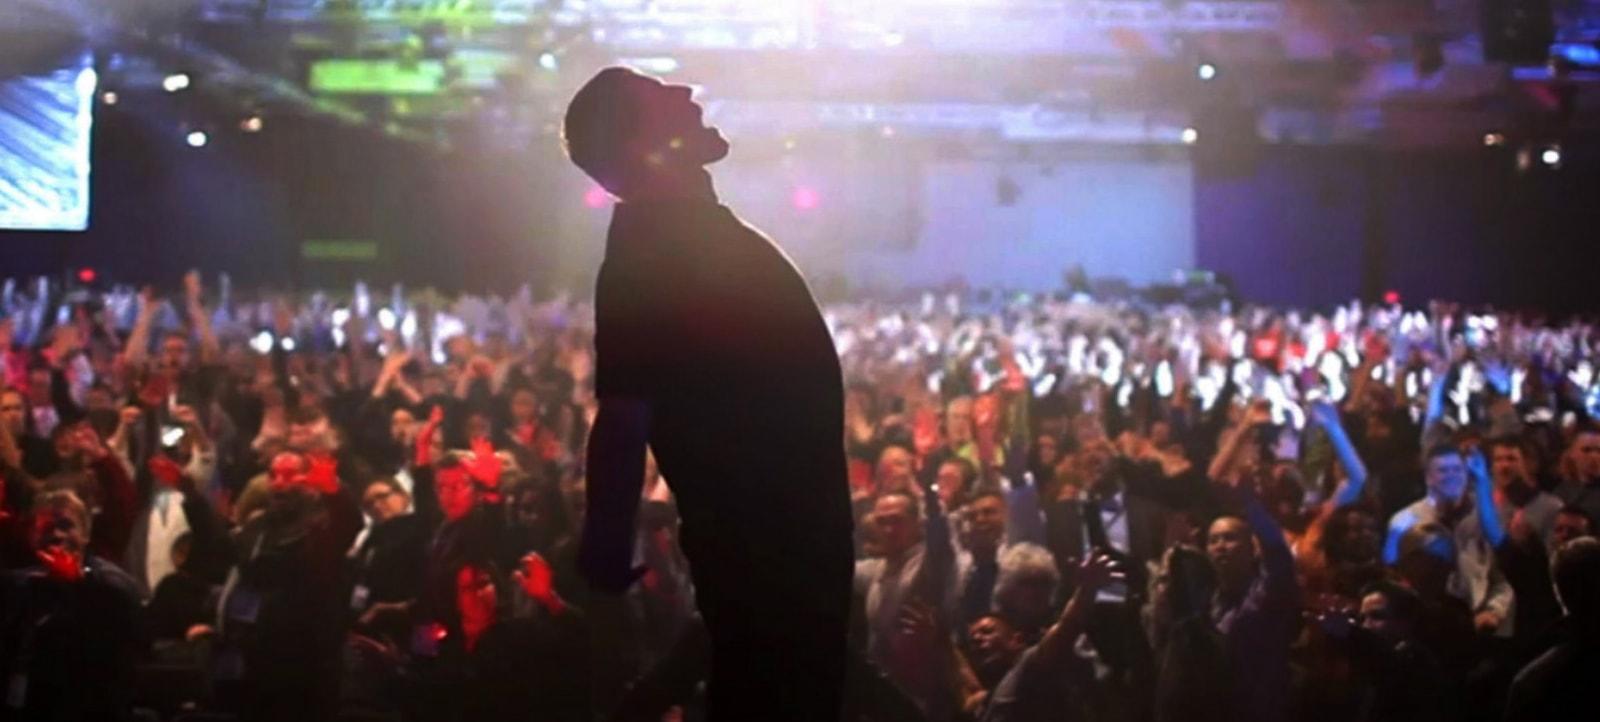 Tony Robbins – Change the way you feel